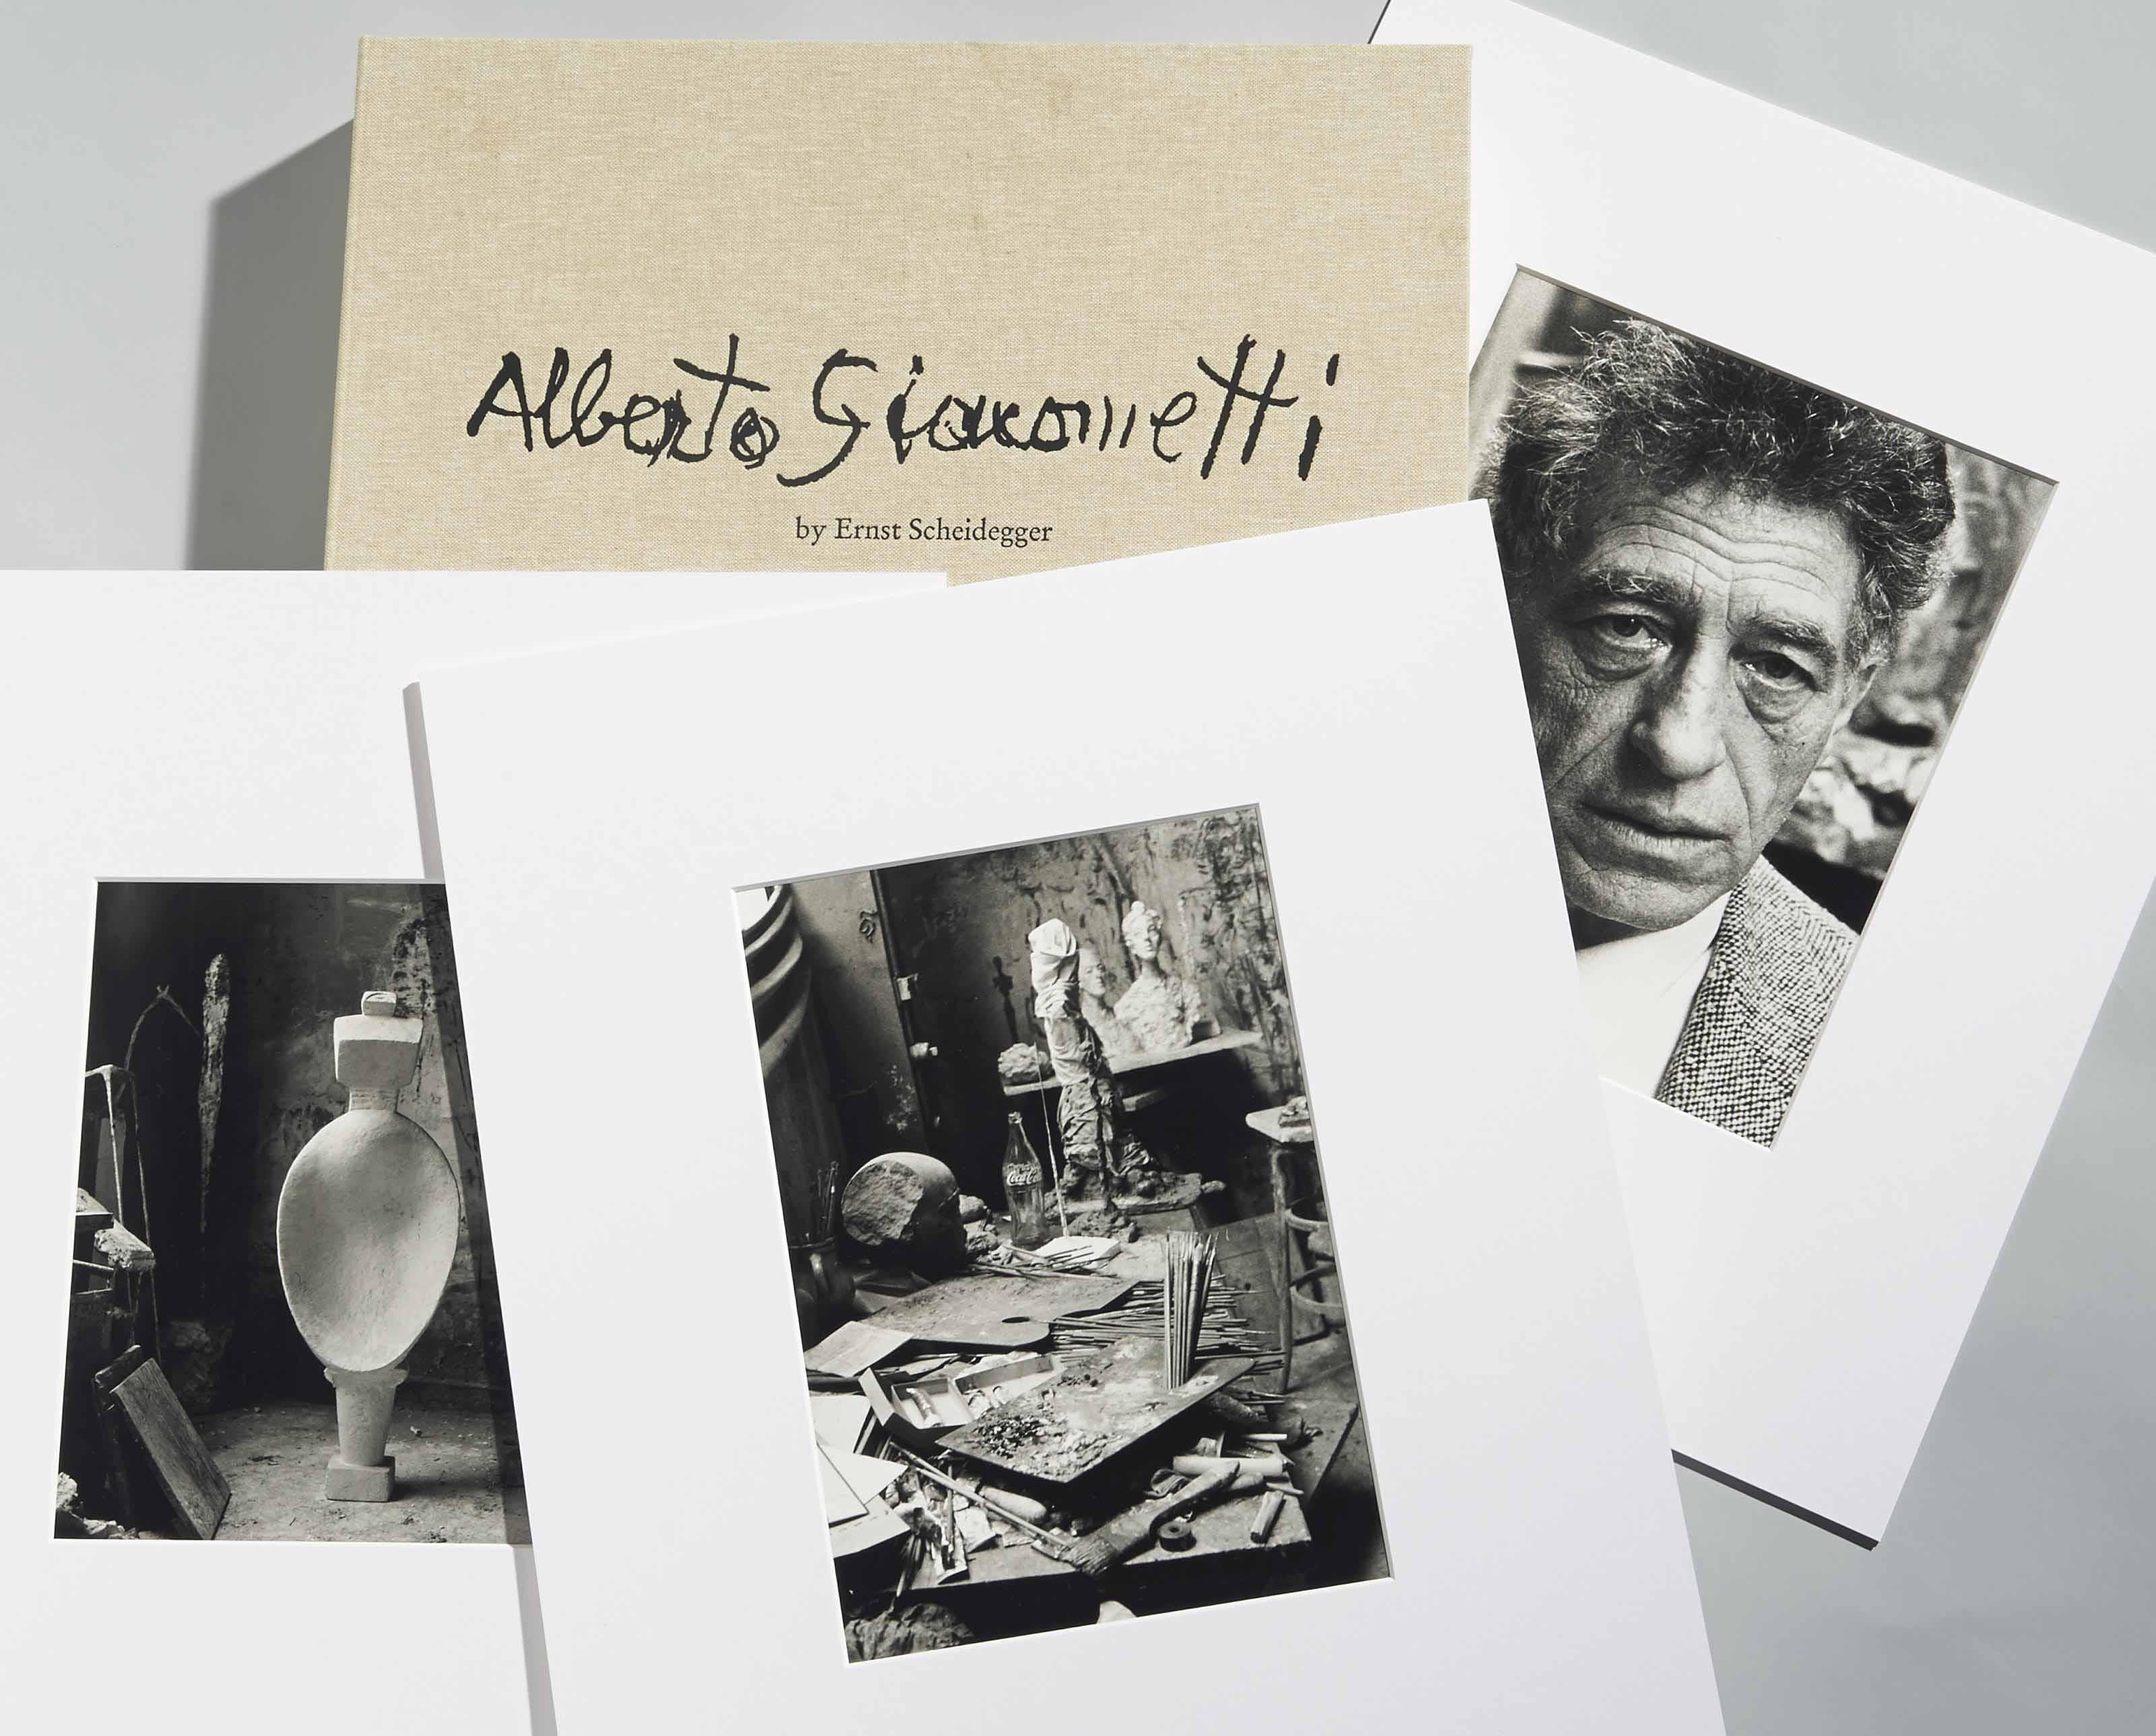 Portfolio Alberto Giacometti, zum 100. Geburtstag des Künstlers, 2001